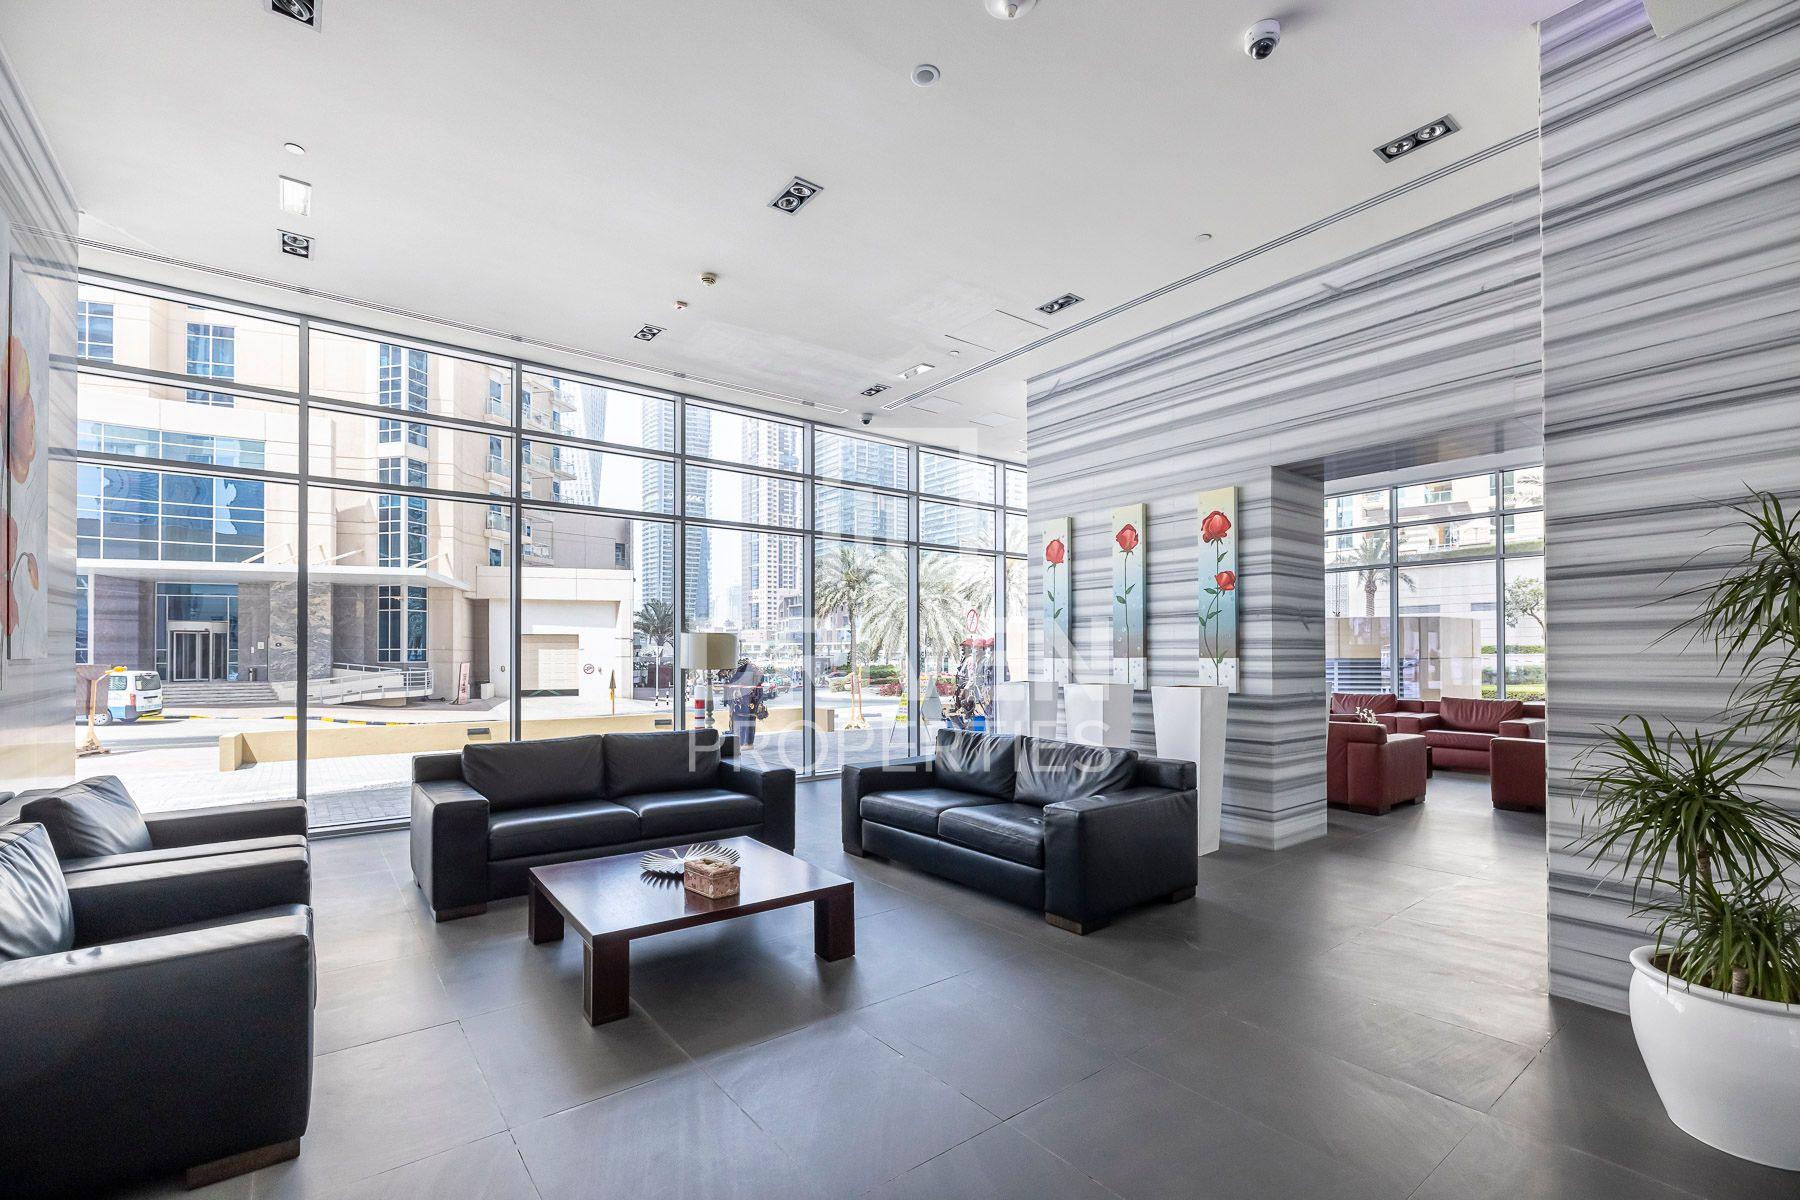 Studio for Rent in Ariyana Tower - Dubai Marina